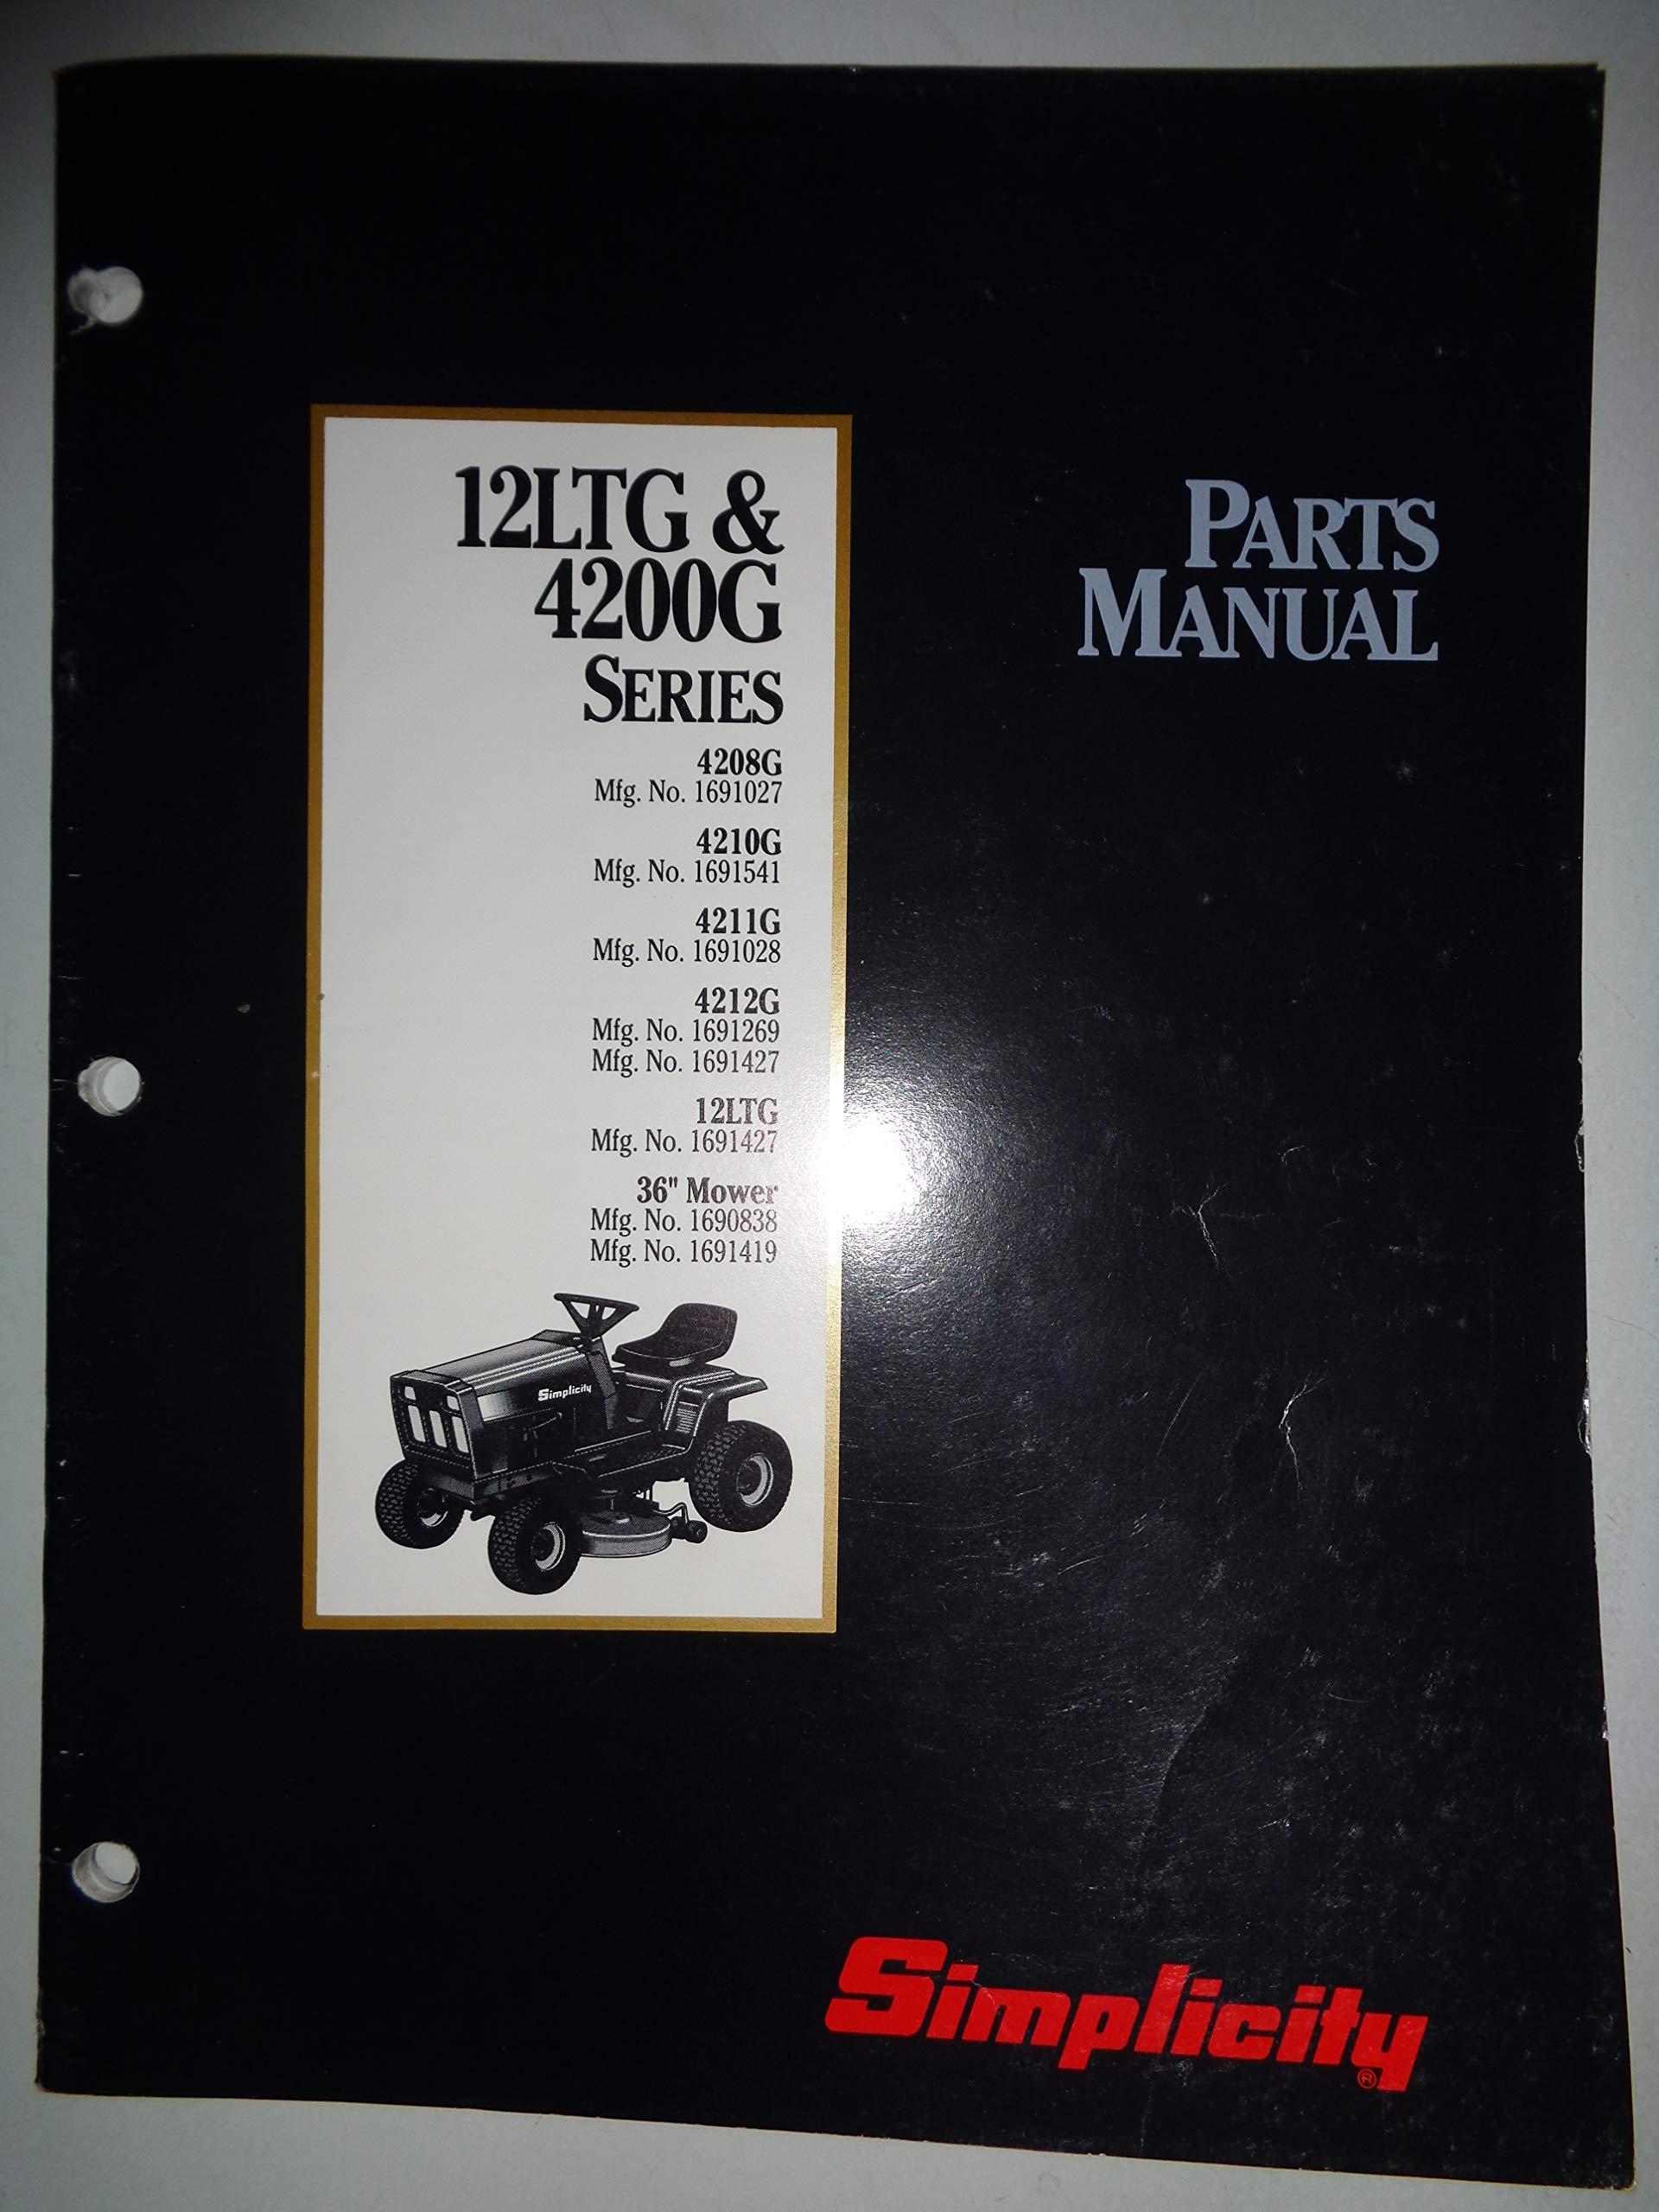 Simplicity 4208 4210 4211 4212 12LTG Lawn Garden Tractor Parts